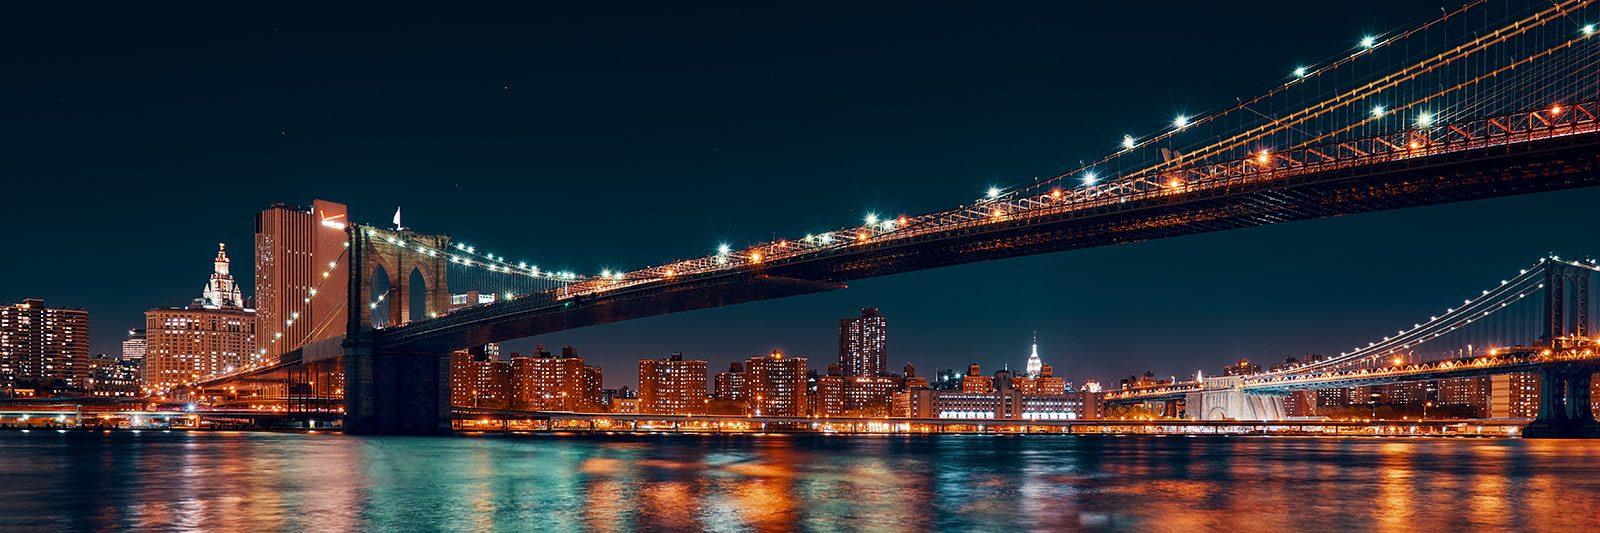 Brooklyn Bridge og Manhattan av Peder Aaserud Eikeland